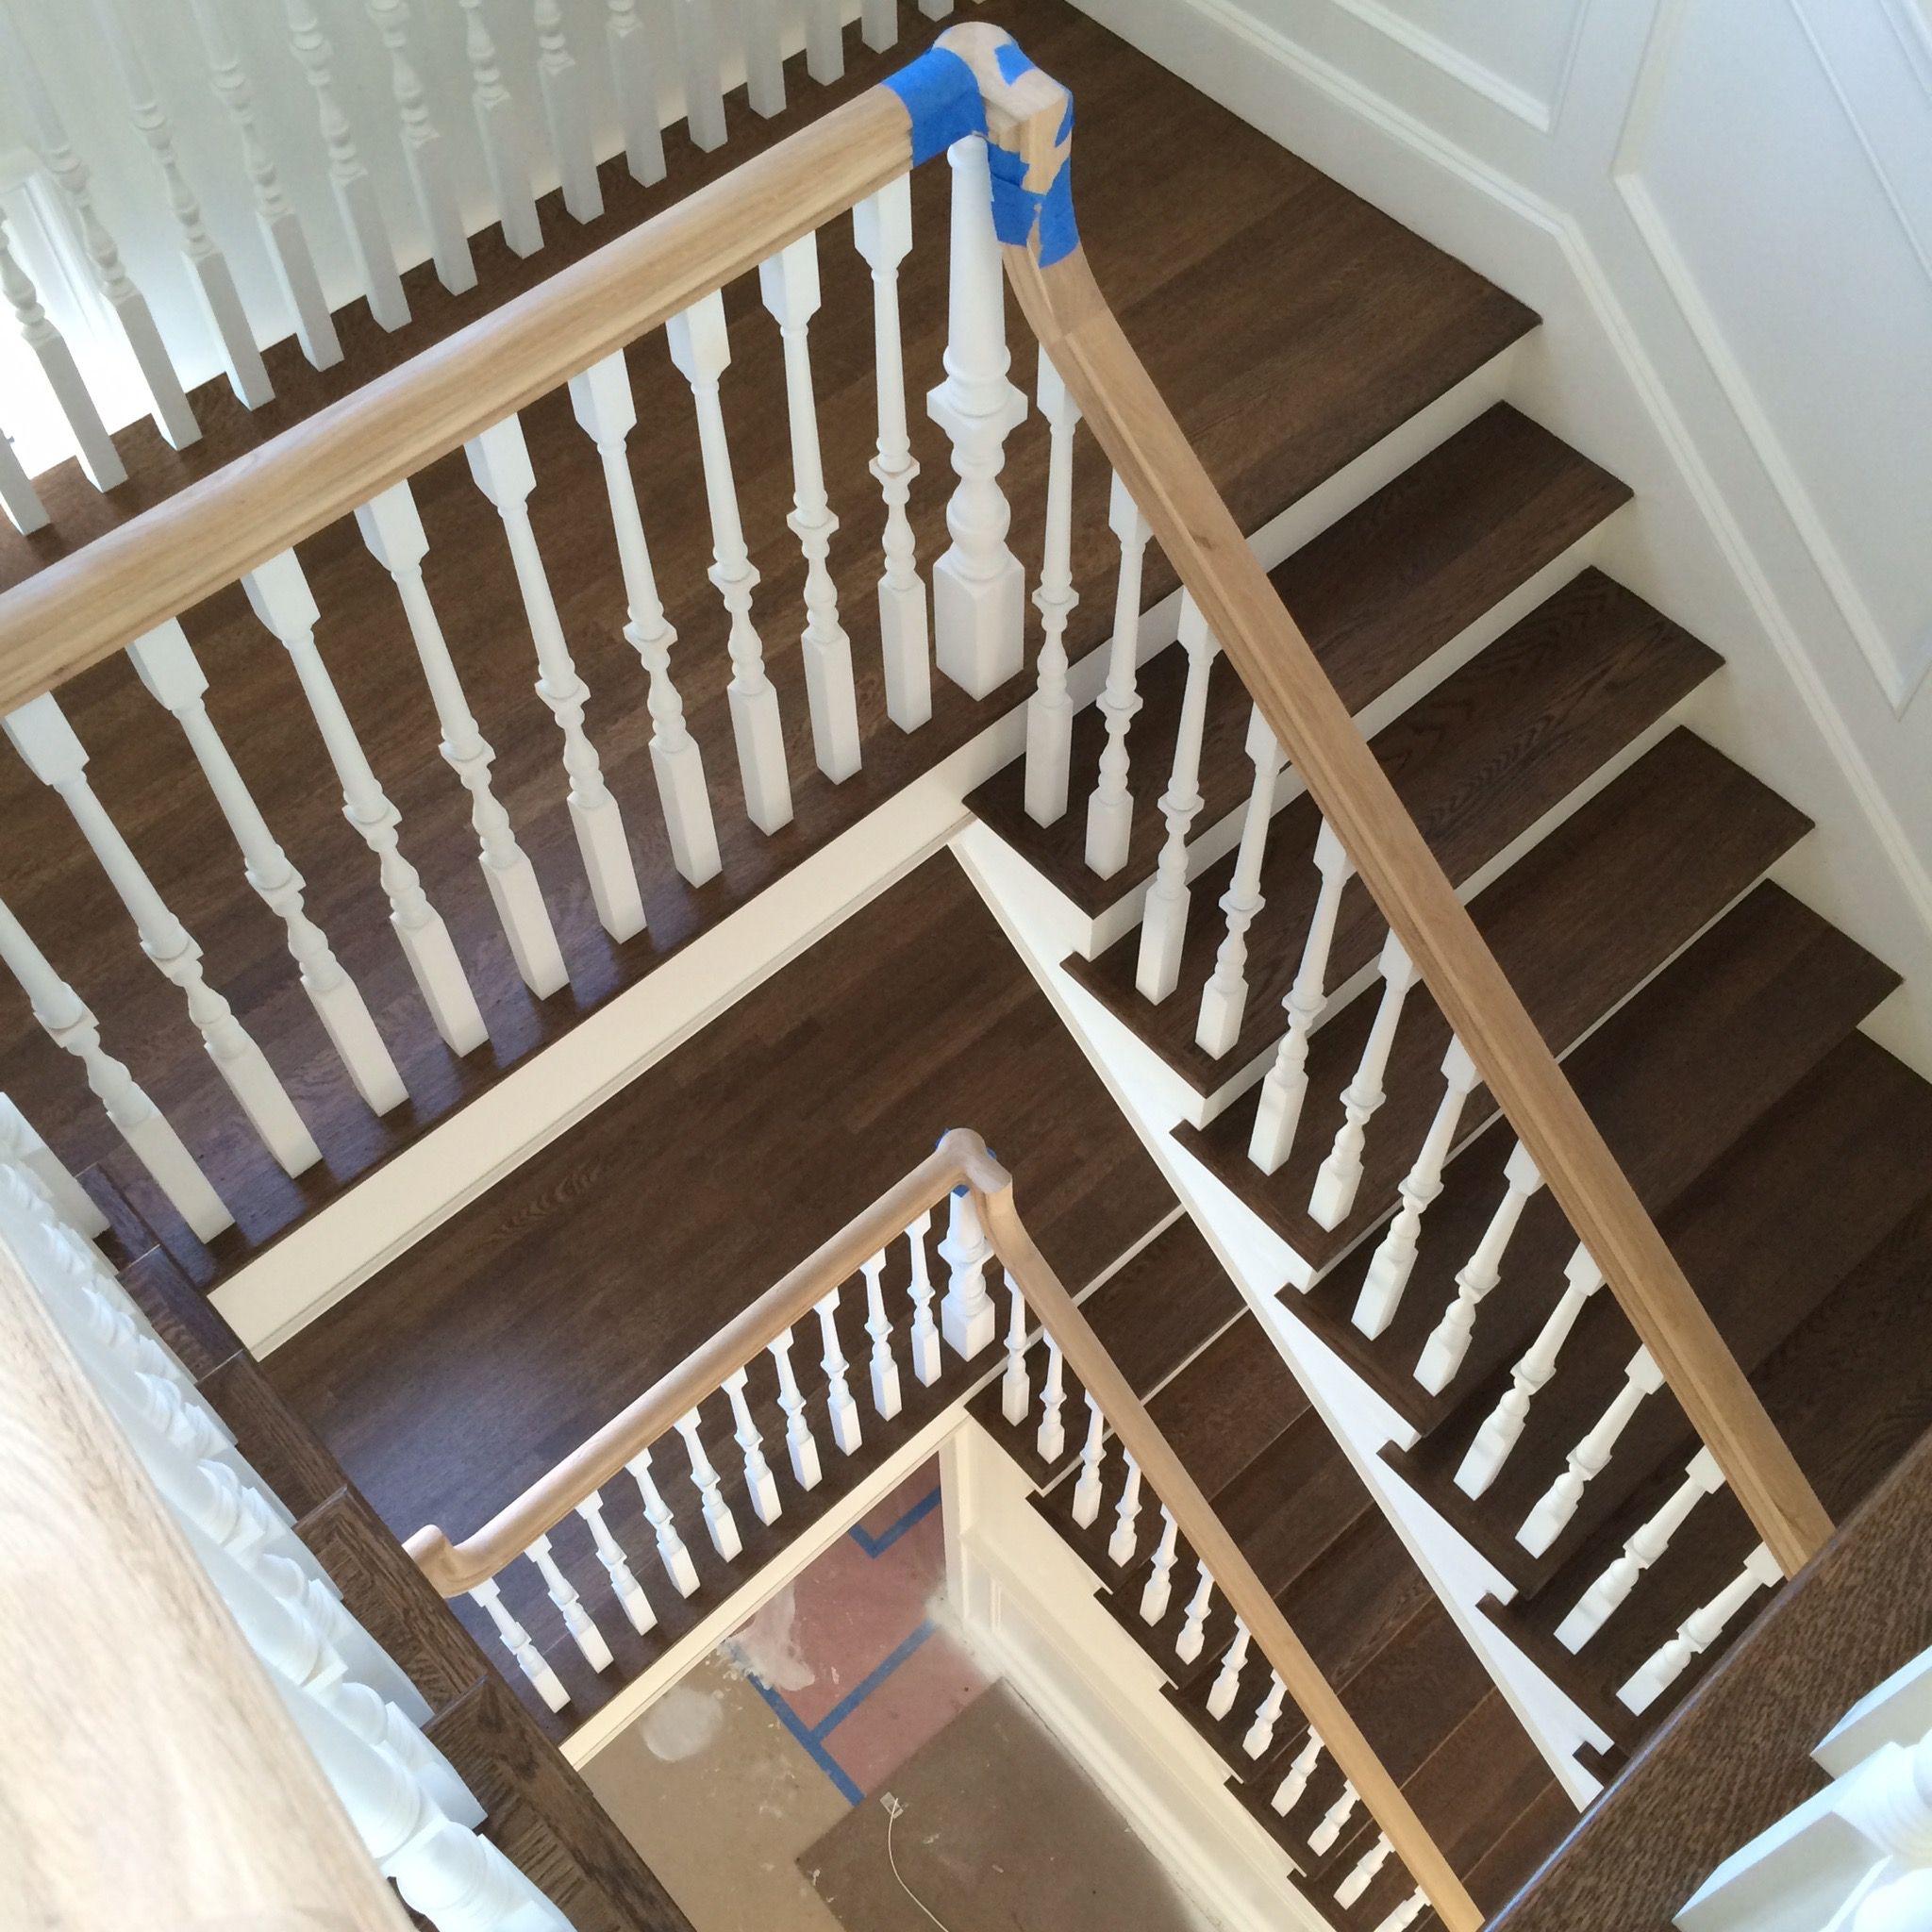 White oak hardwood stair treads, finished with Bona ...